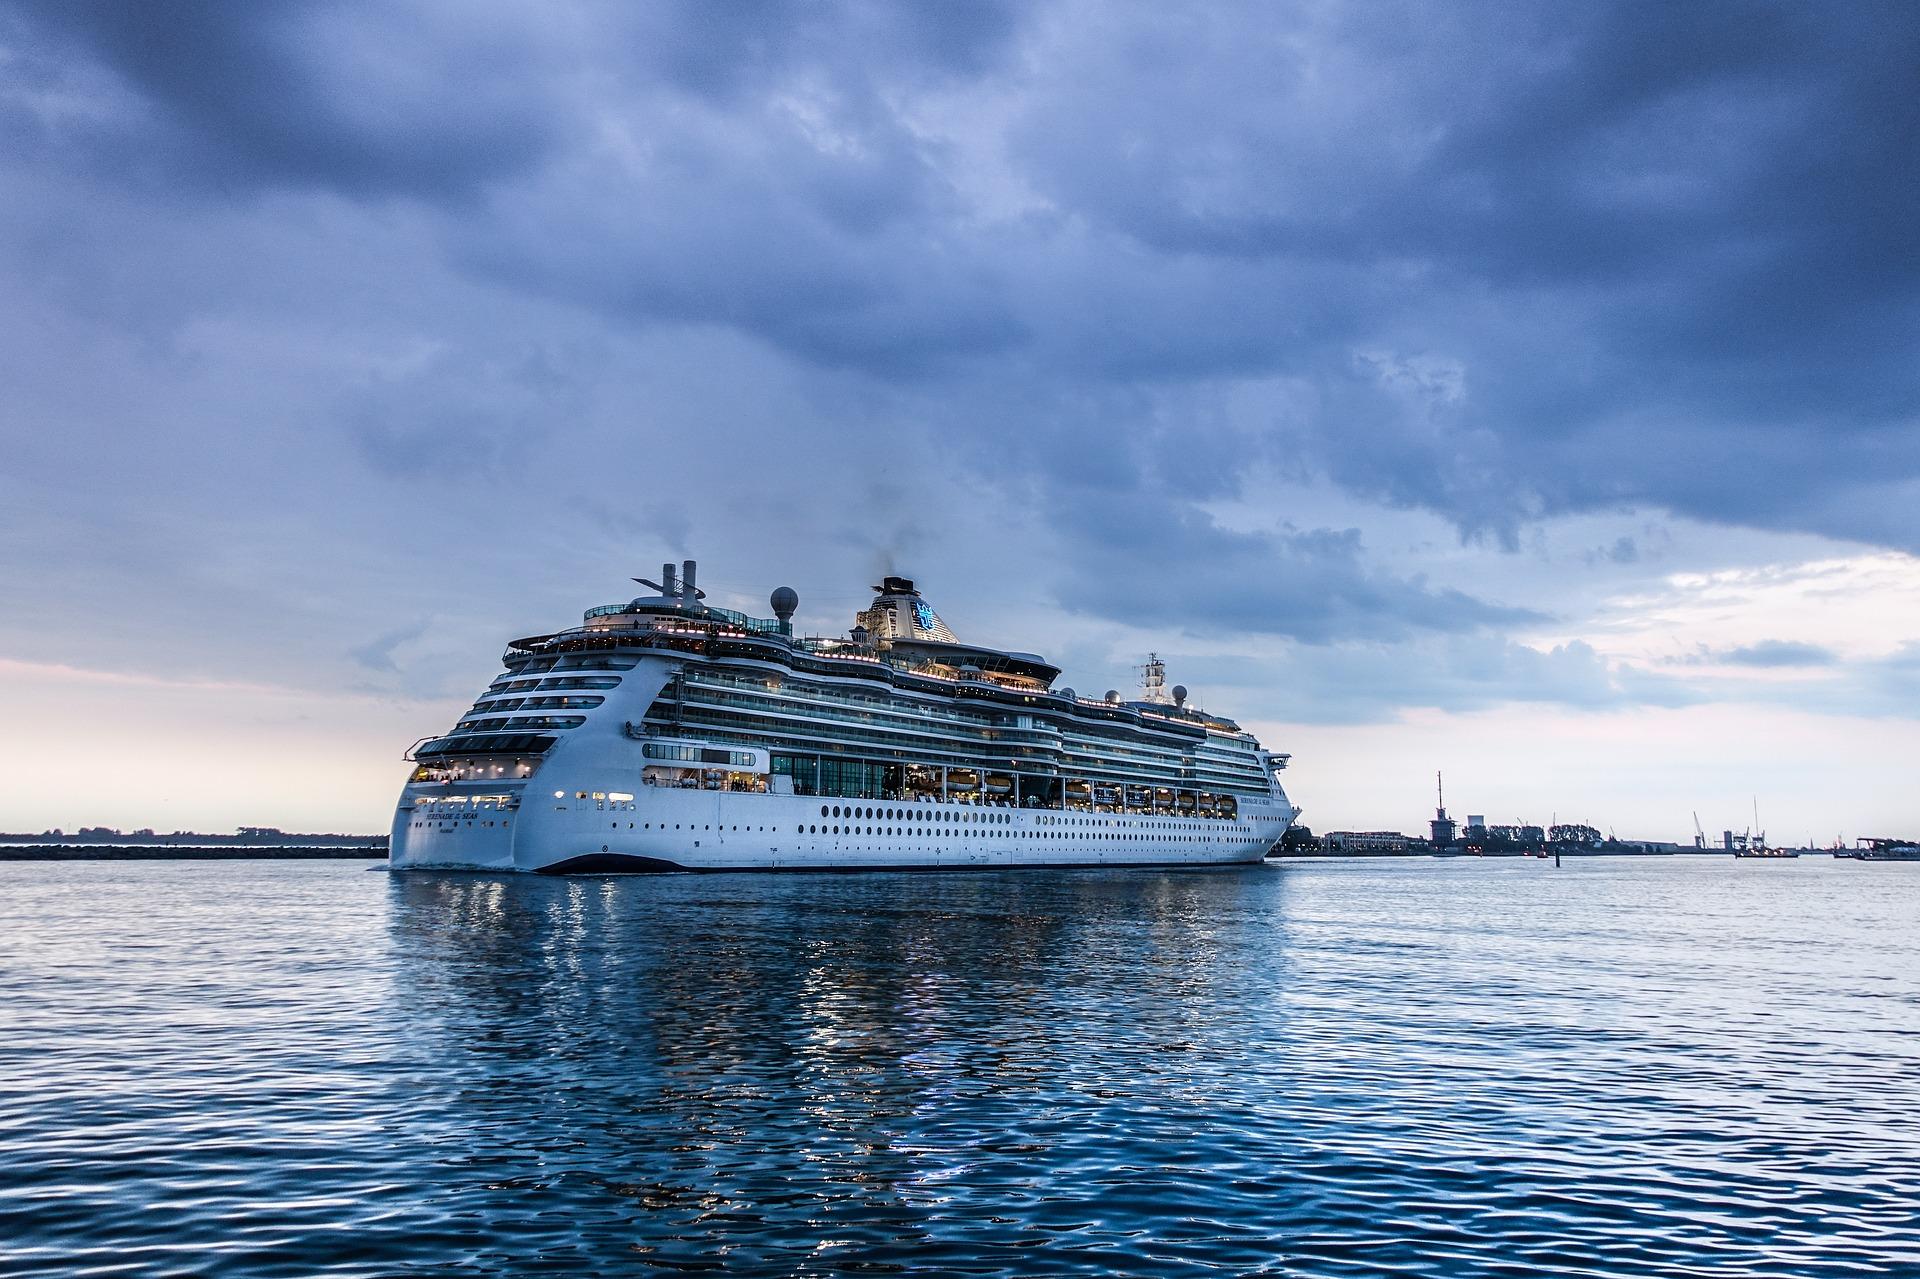 Fincantieri, al via la costruzione di navi superecologiche per Tui Cruises